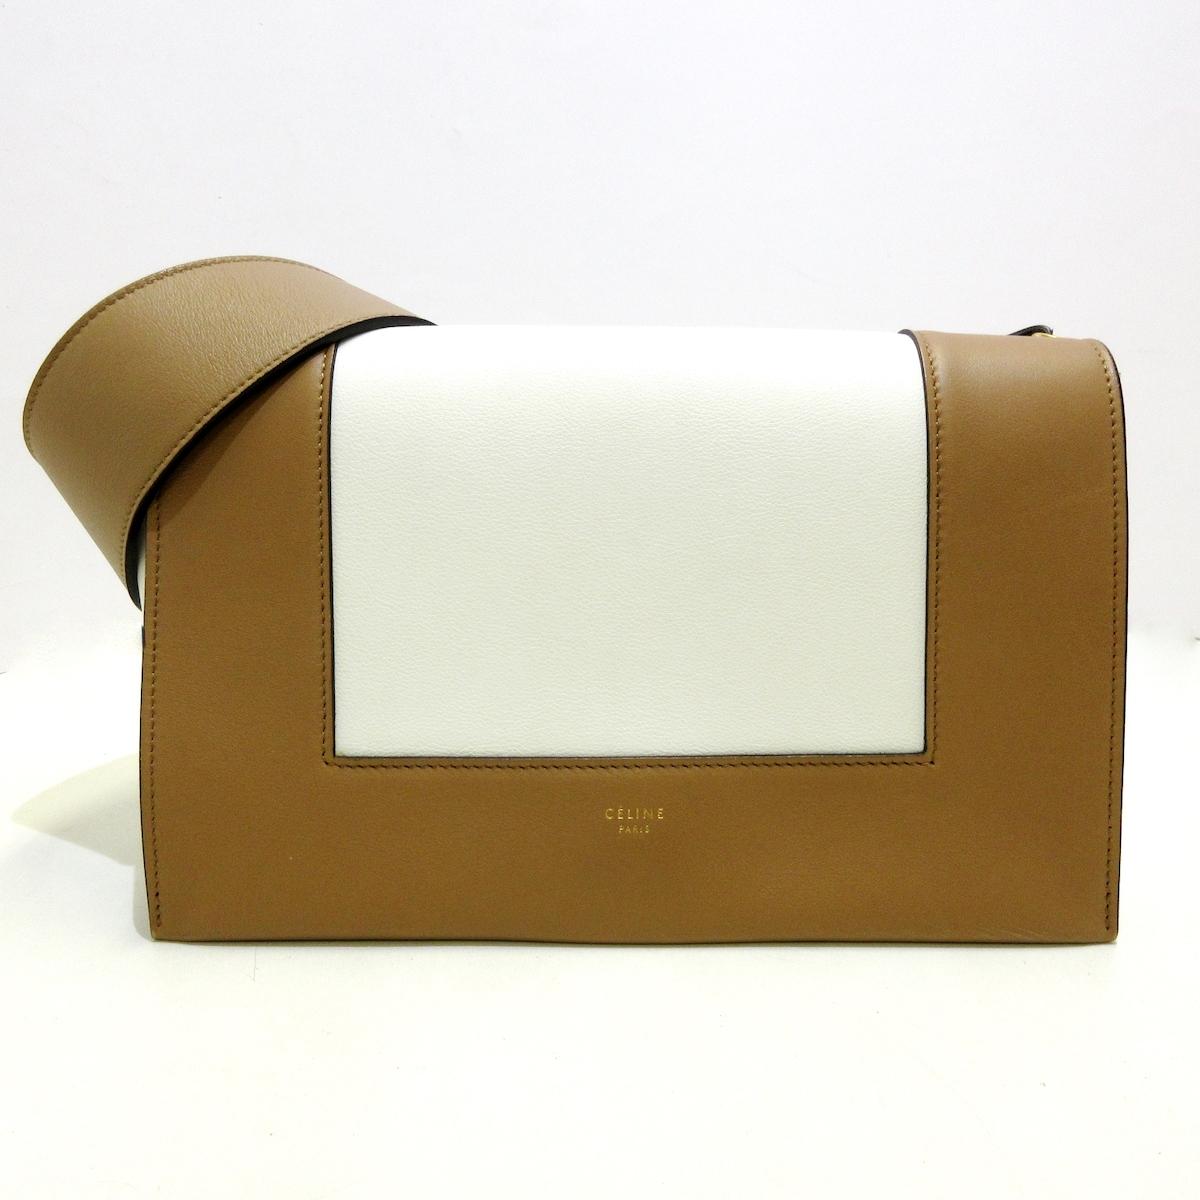 CELINE(セリーヌ)のフレームバッグ